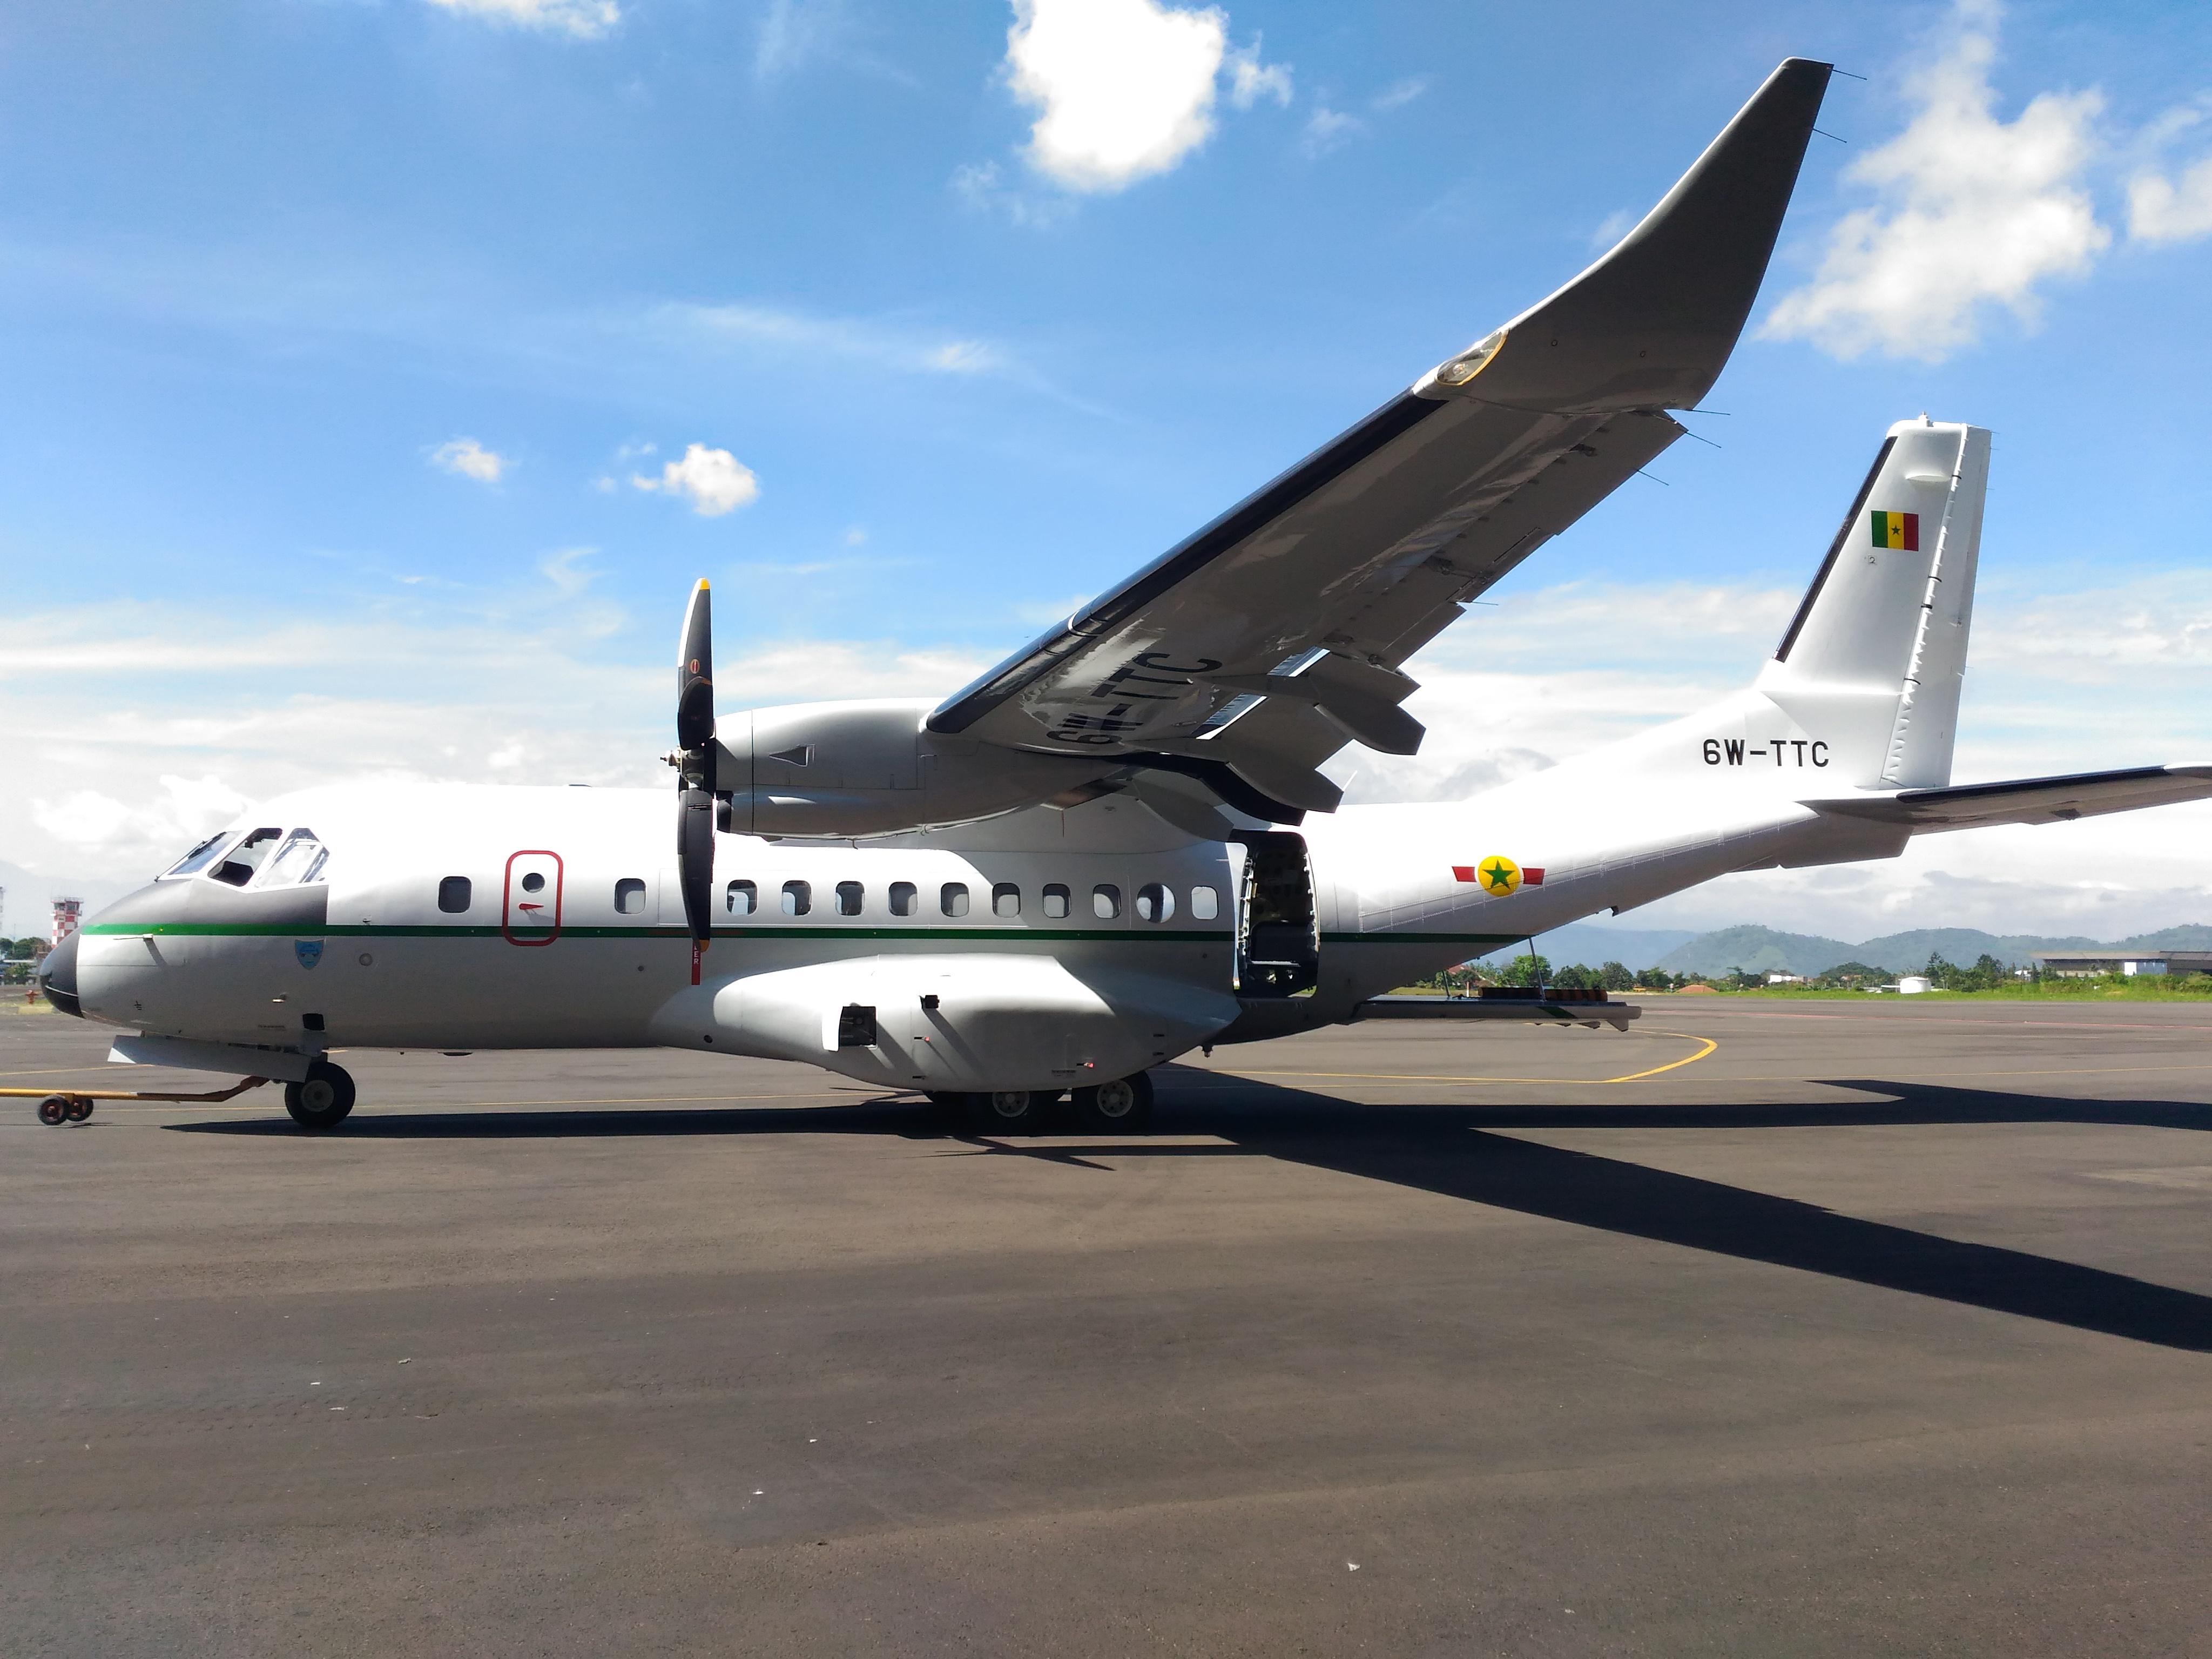 Полученный ВВС Сенегала в декабре 2016 года транспортный самолет СN-235-220M (пегистрационный номер 6W-TTC) постройки индонезийского государственного авиастроительного объединения PT Dirgantara Indonesia (PTDI).